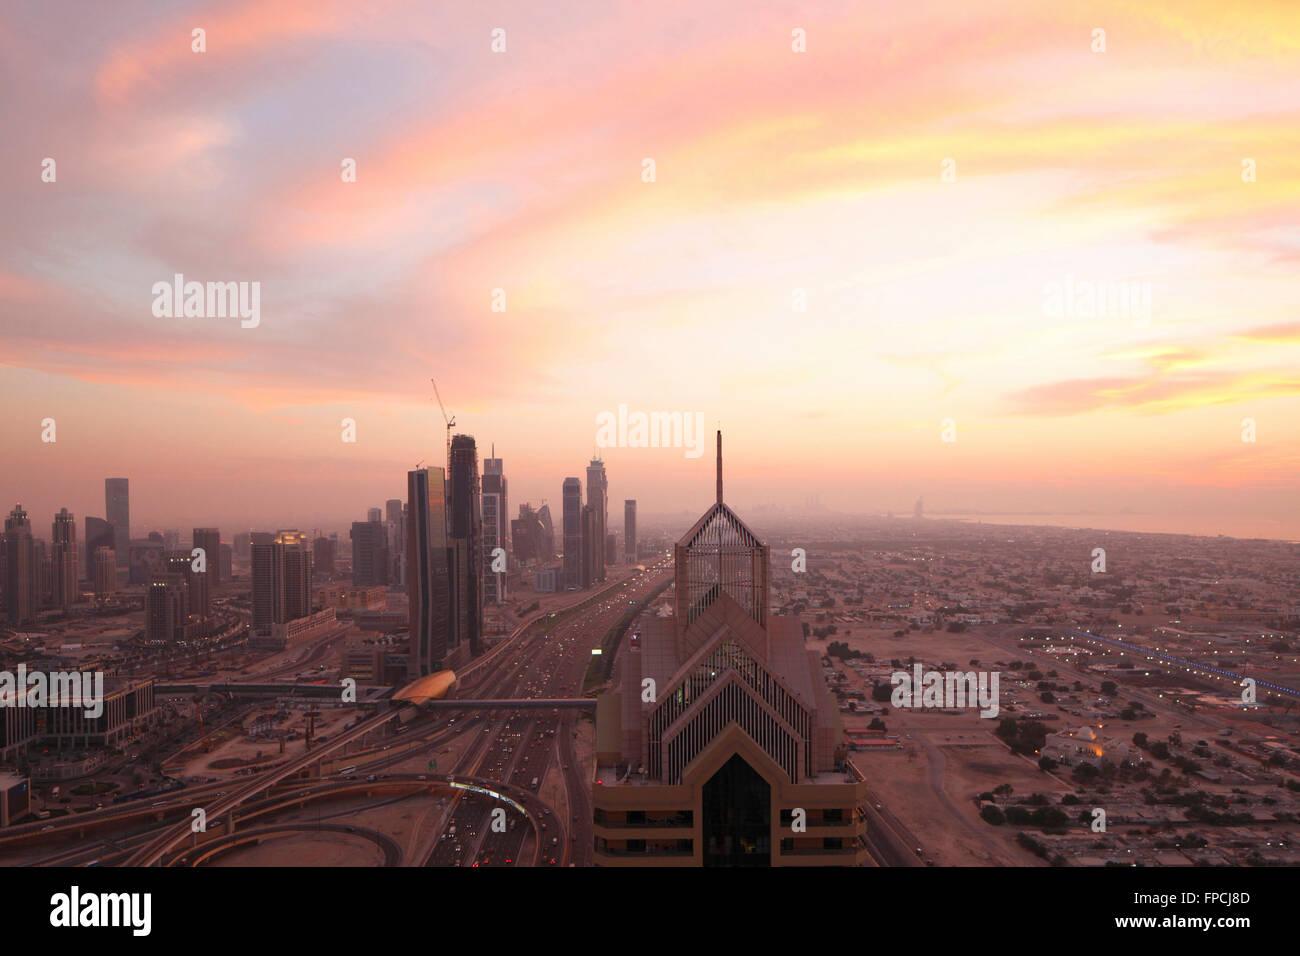 Ein Sonnenuntergang über Dubai. Zeigt die Stadt mit den Hochhäusern im Blick. Stockbild